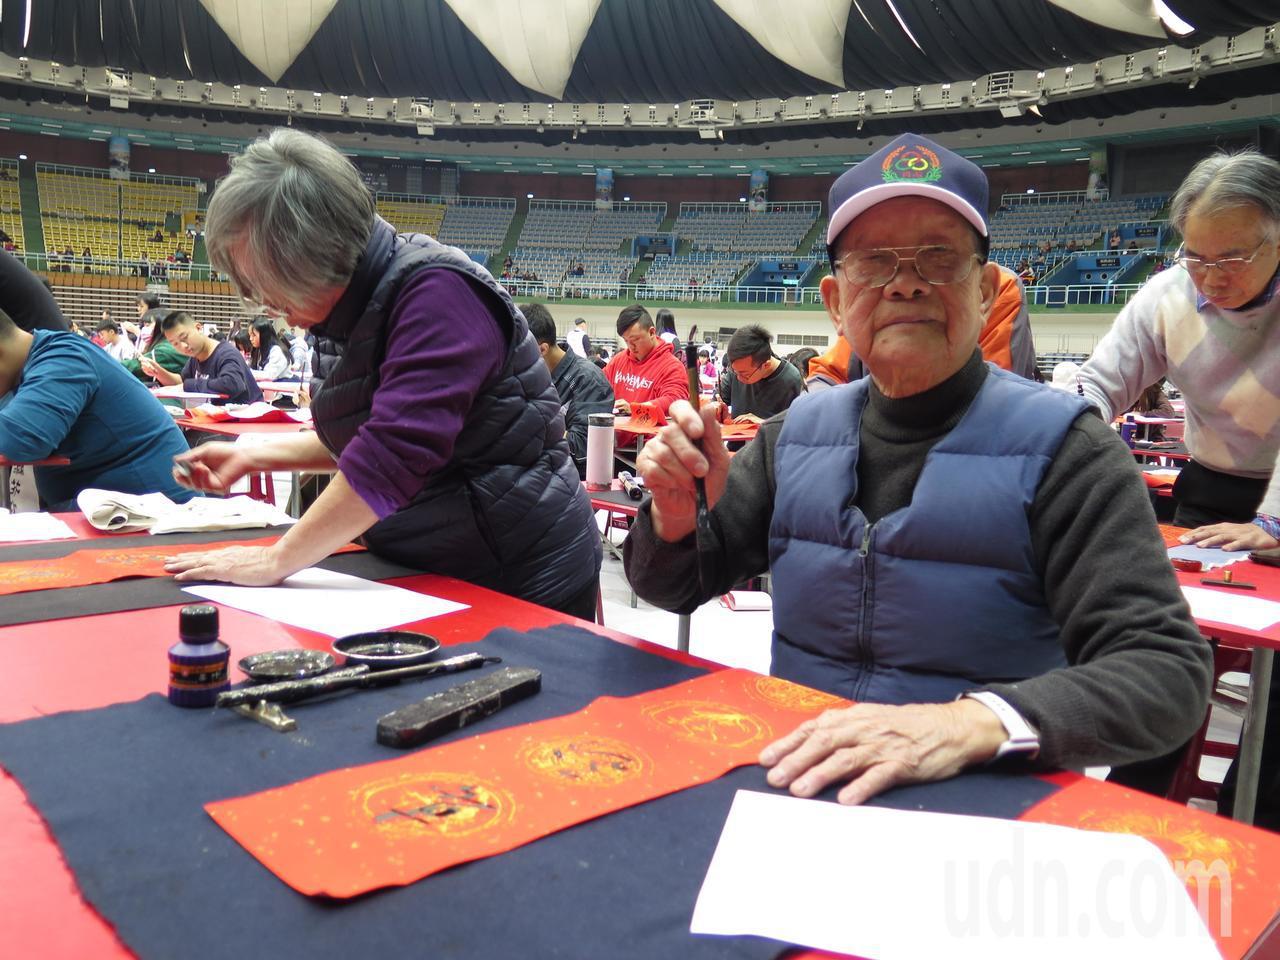 90歲的陳作楠是場中最高齡者,也以擅長的草書輕鬆揮毫春聯。記者張裕珍/攝影